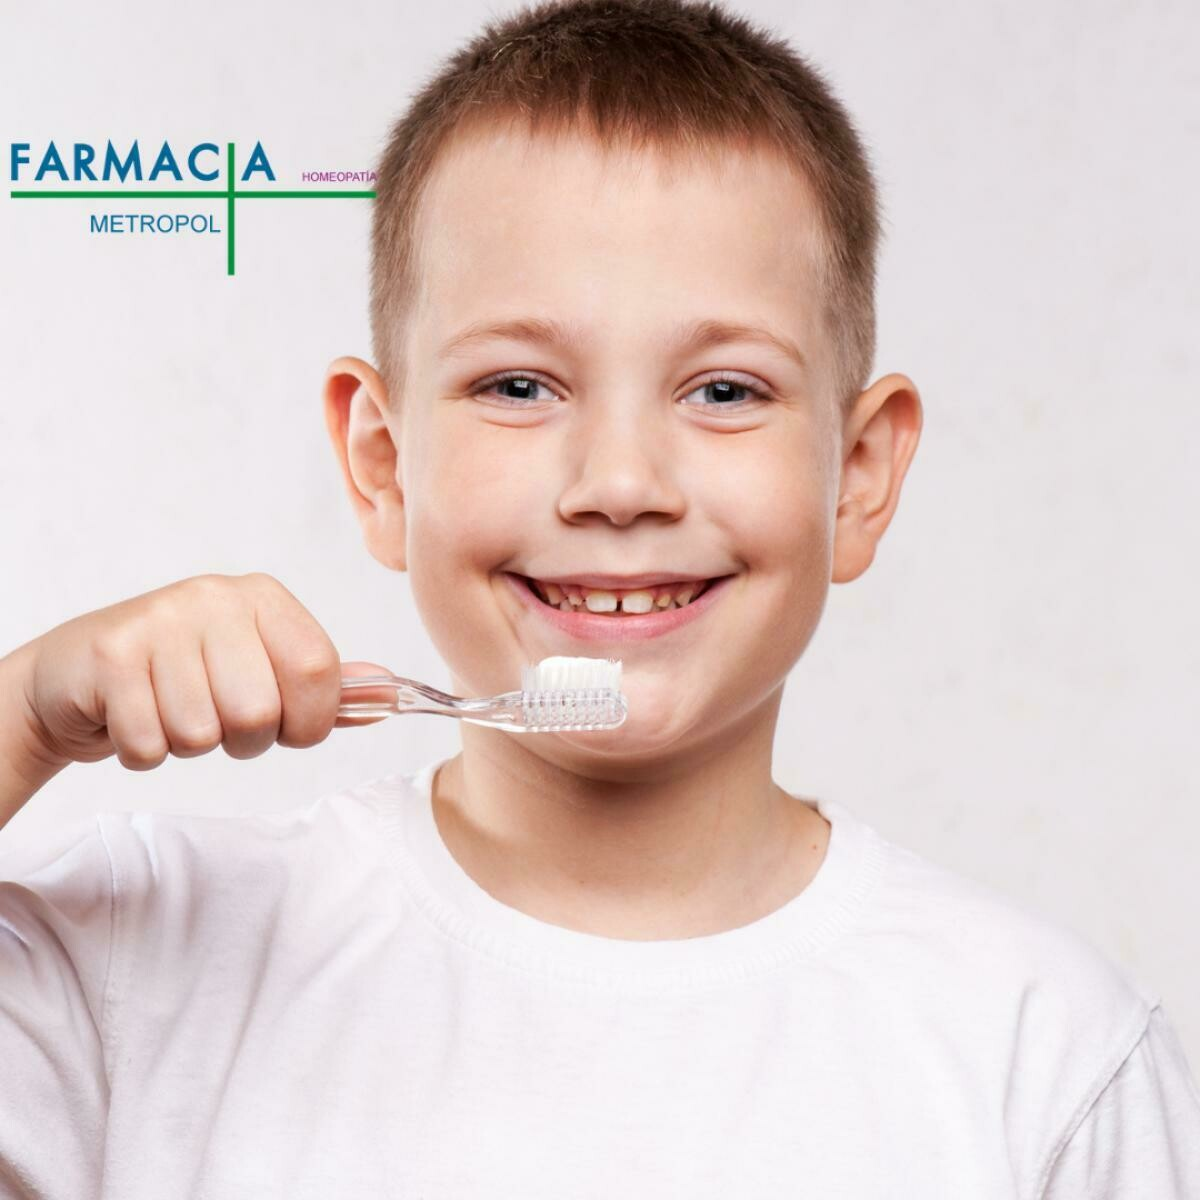 Cuidado bucal infantil